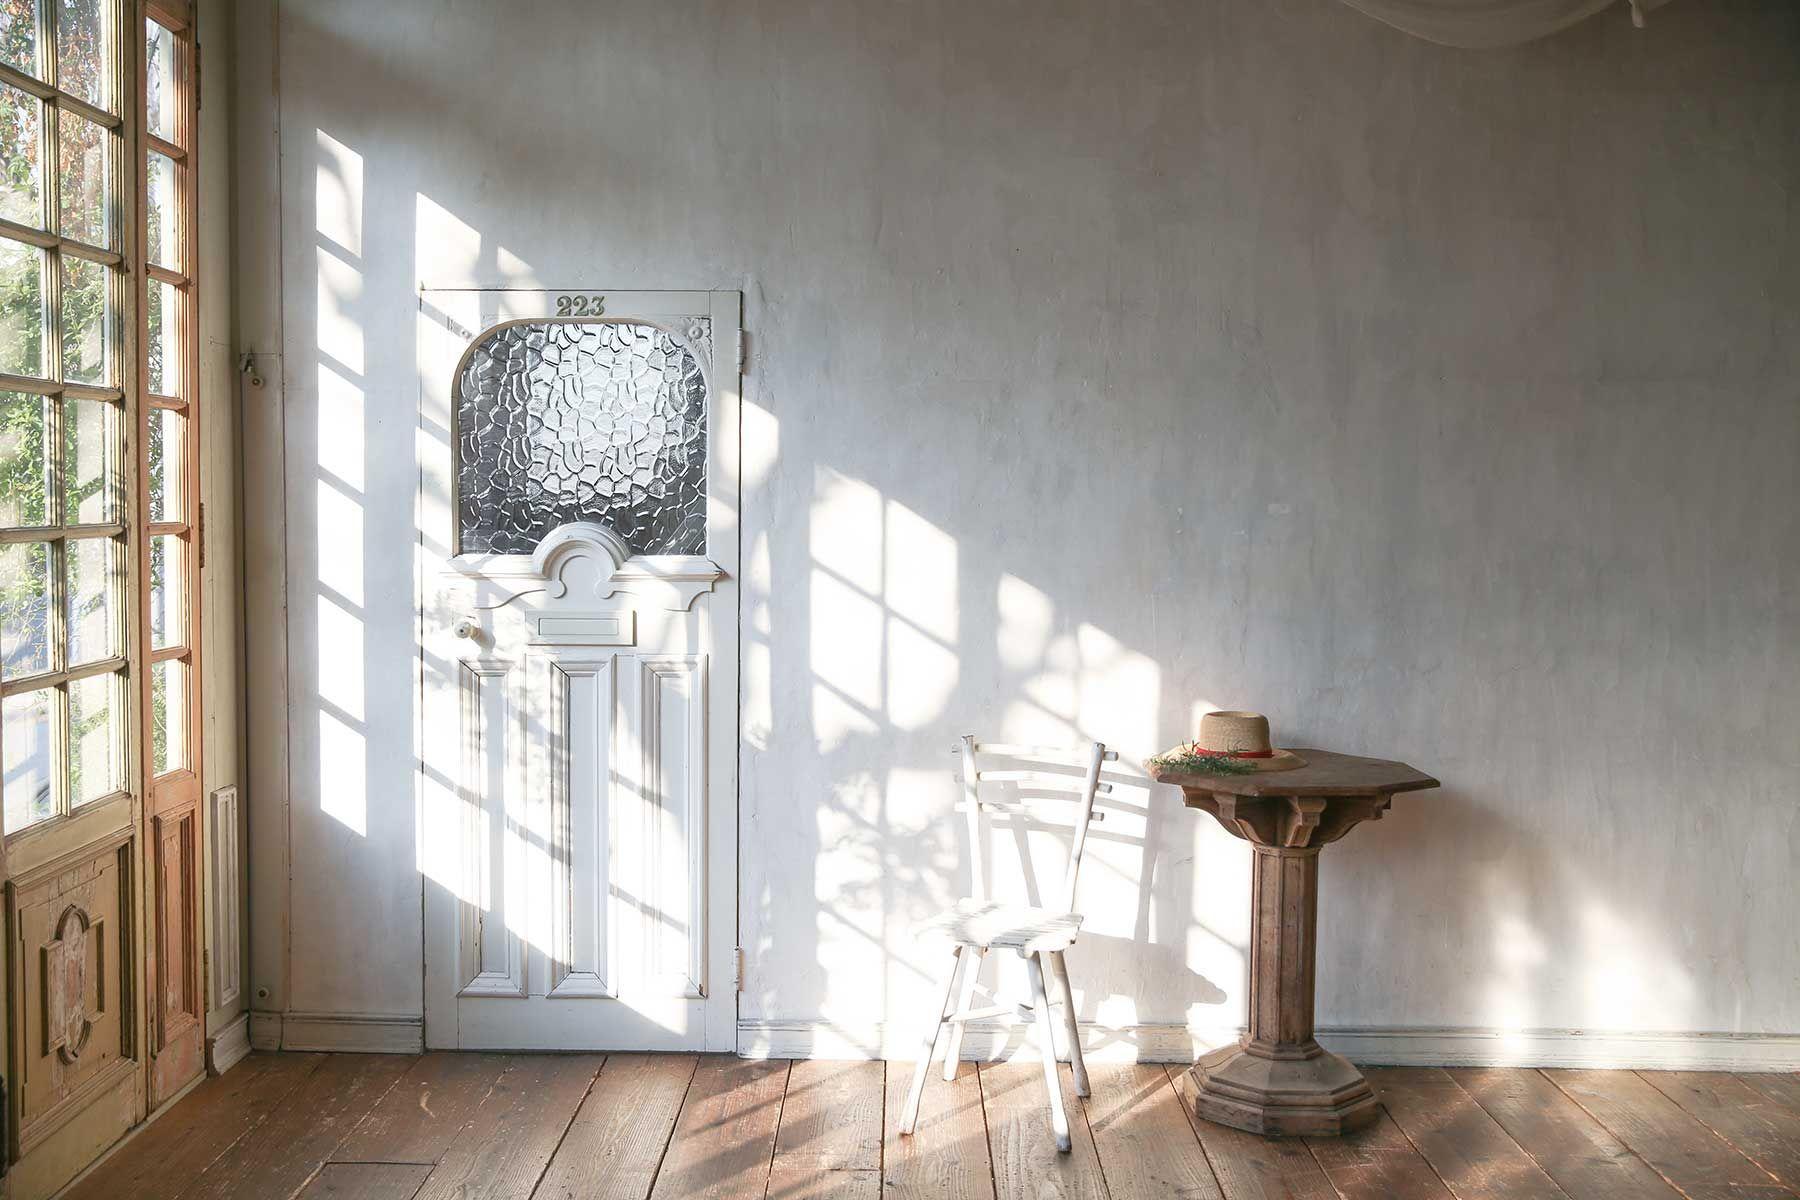 studio itto 目黒碑文谷1Fst (スタジオ イット)西陽の入る大きな窓からのサイド光